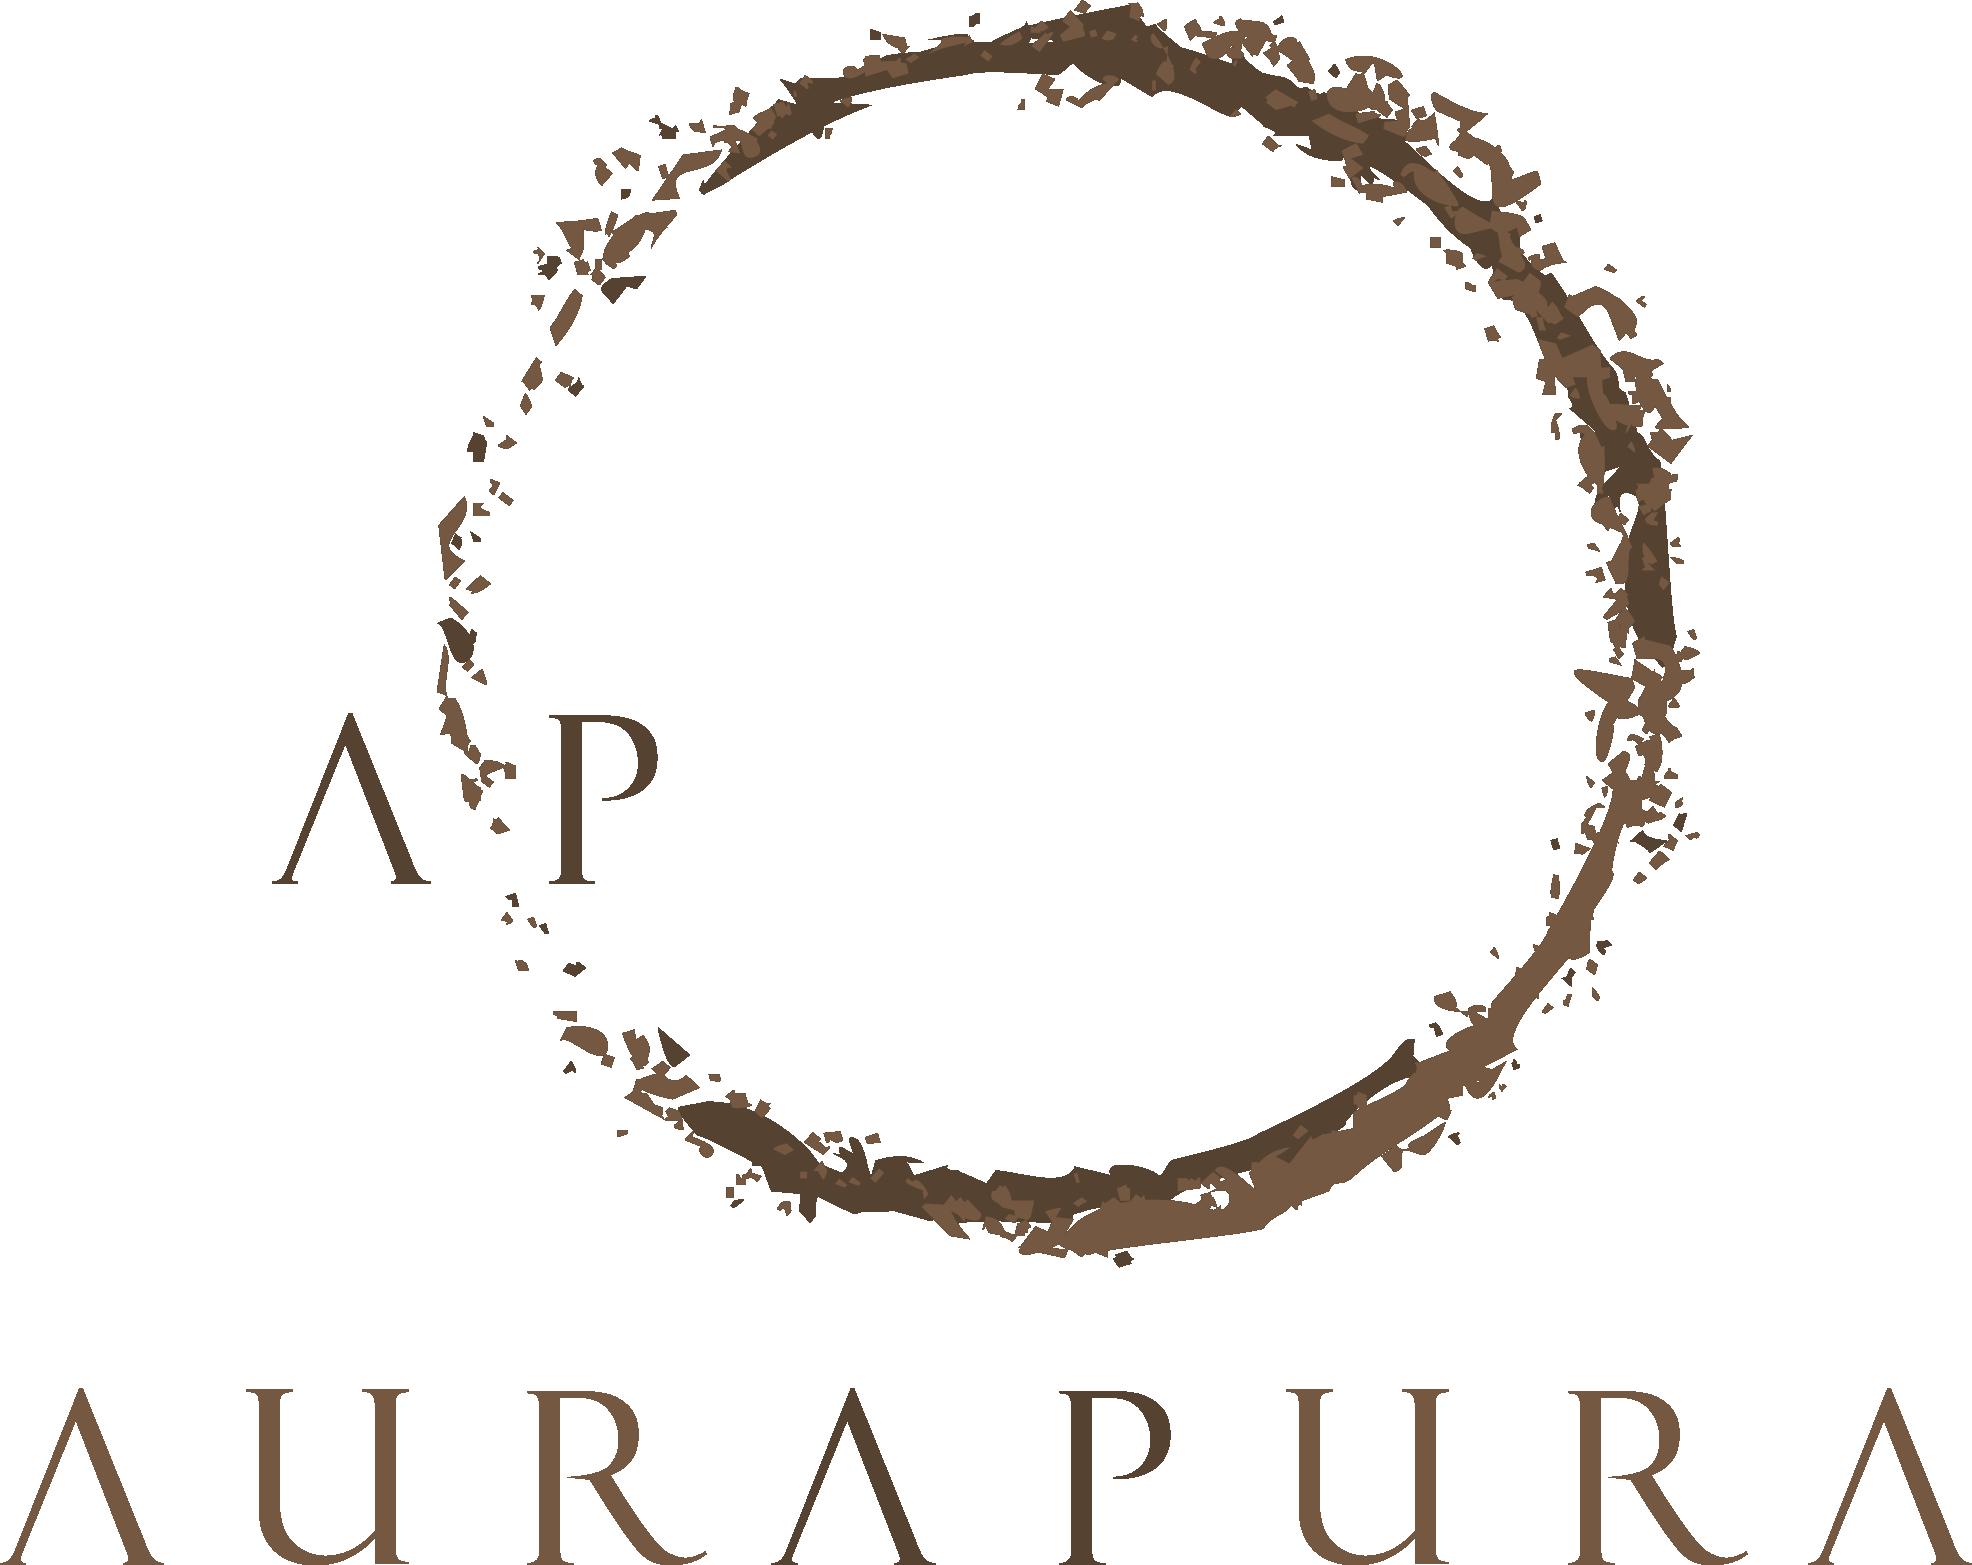 AuraPura